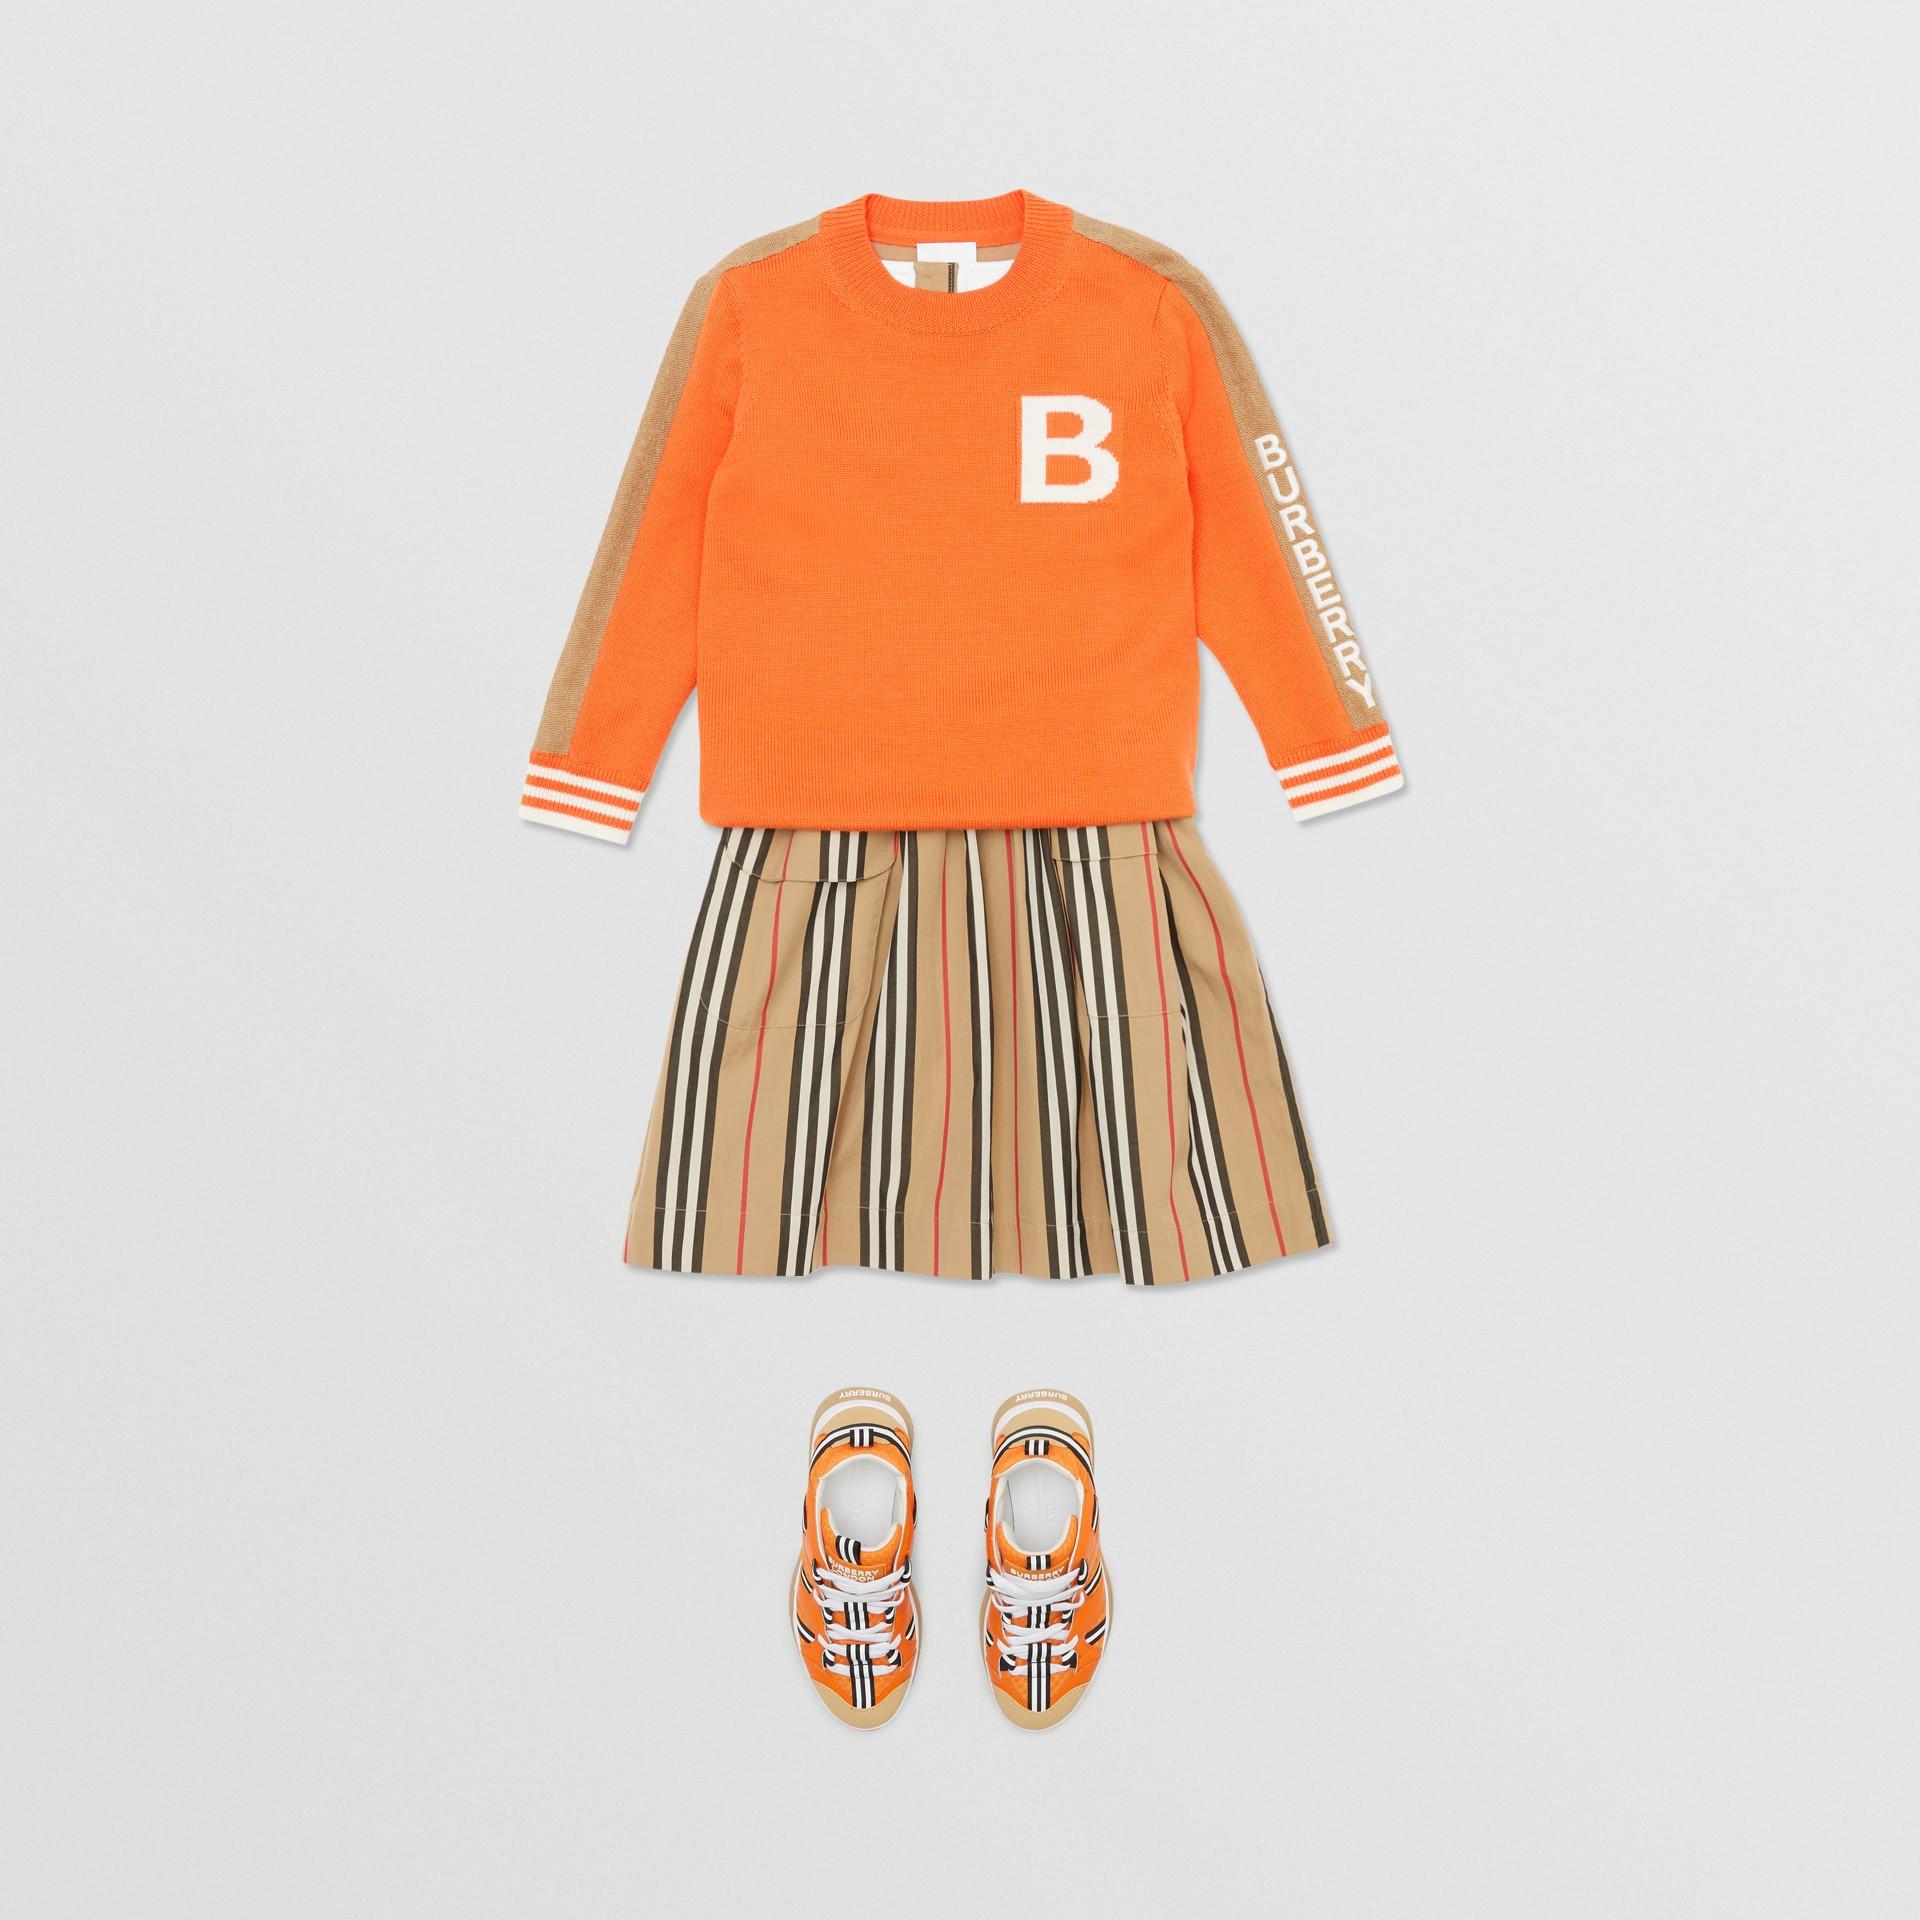 Bモチーフ メリノウール ジャカードセーター (ブライトオレンジ) | バーバリー - ギャラリーイメージ 3